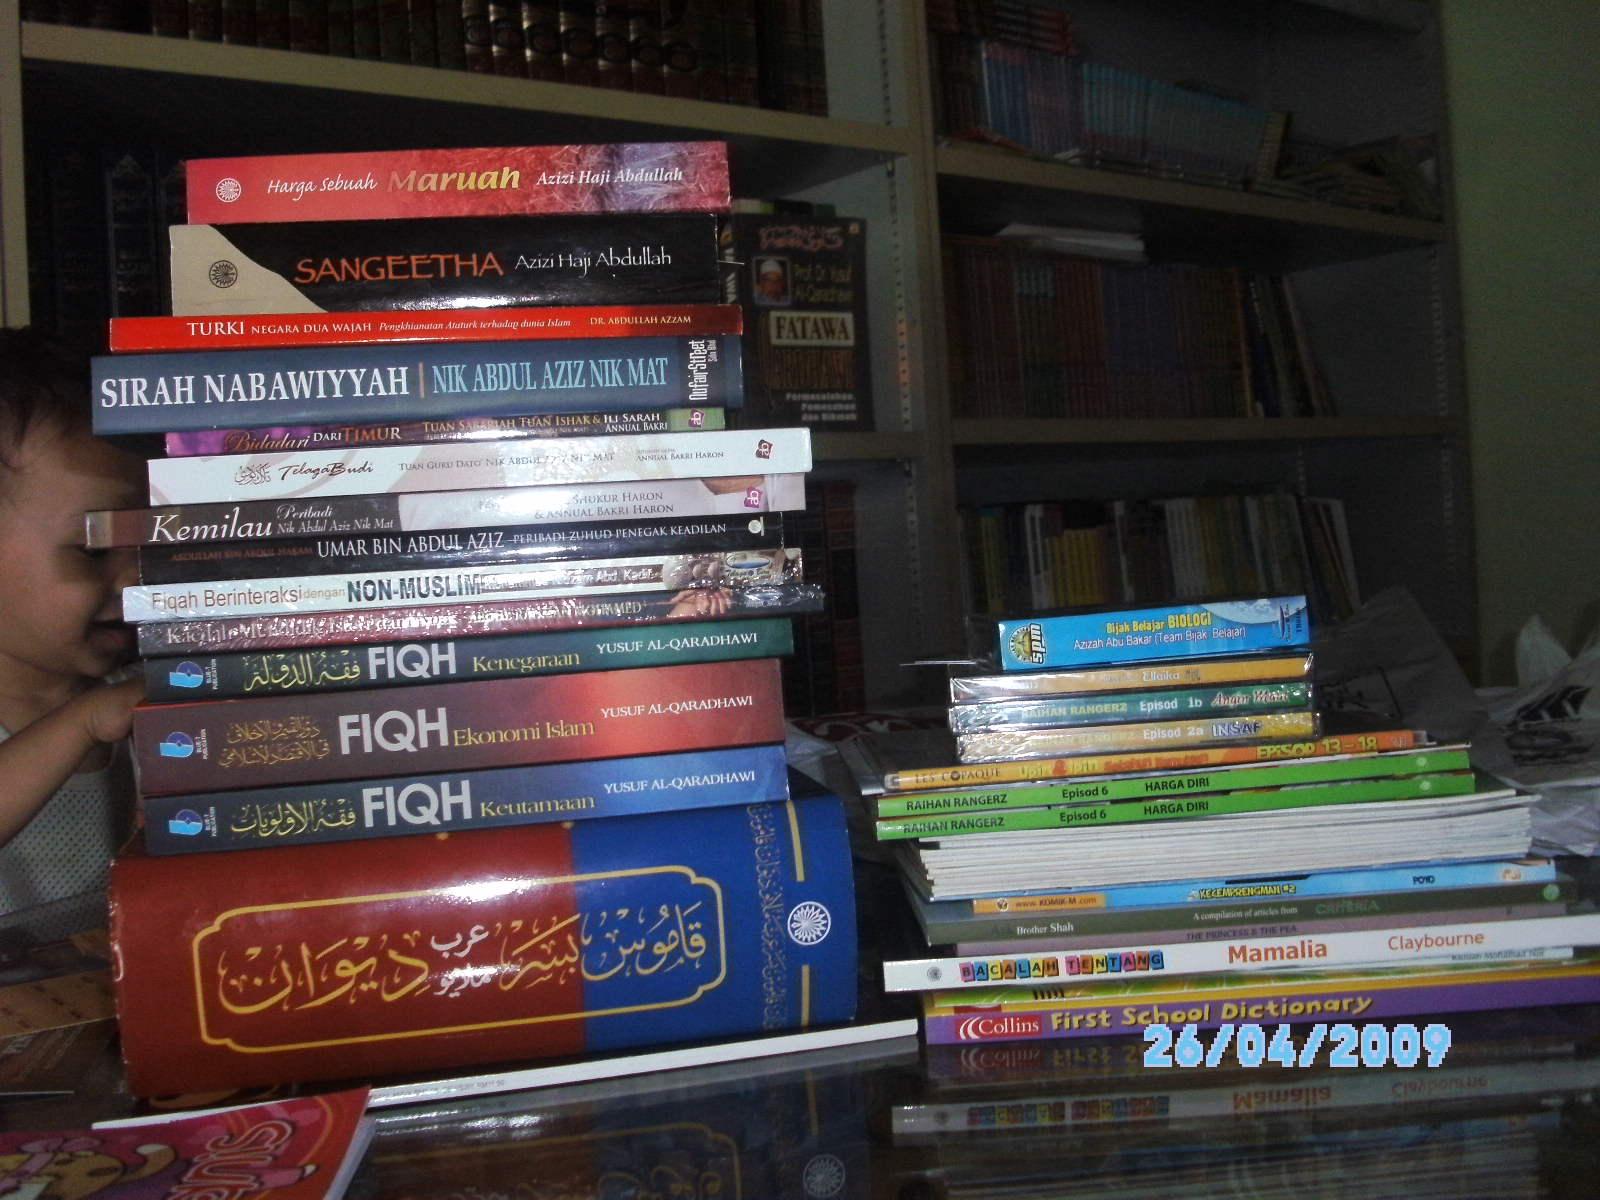 buku-yang-dibeli